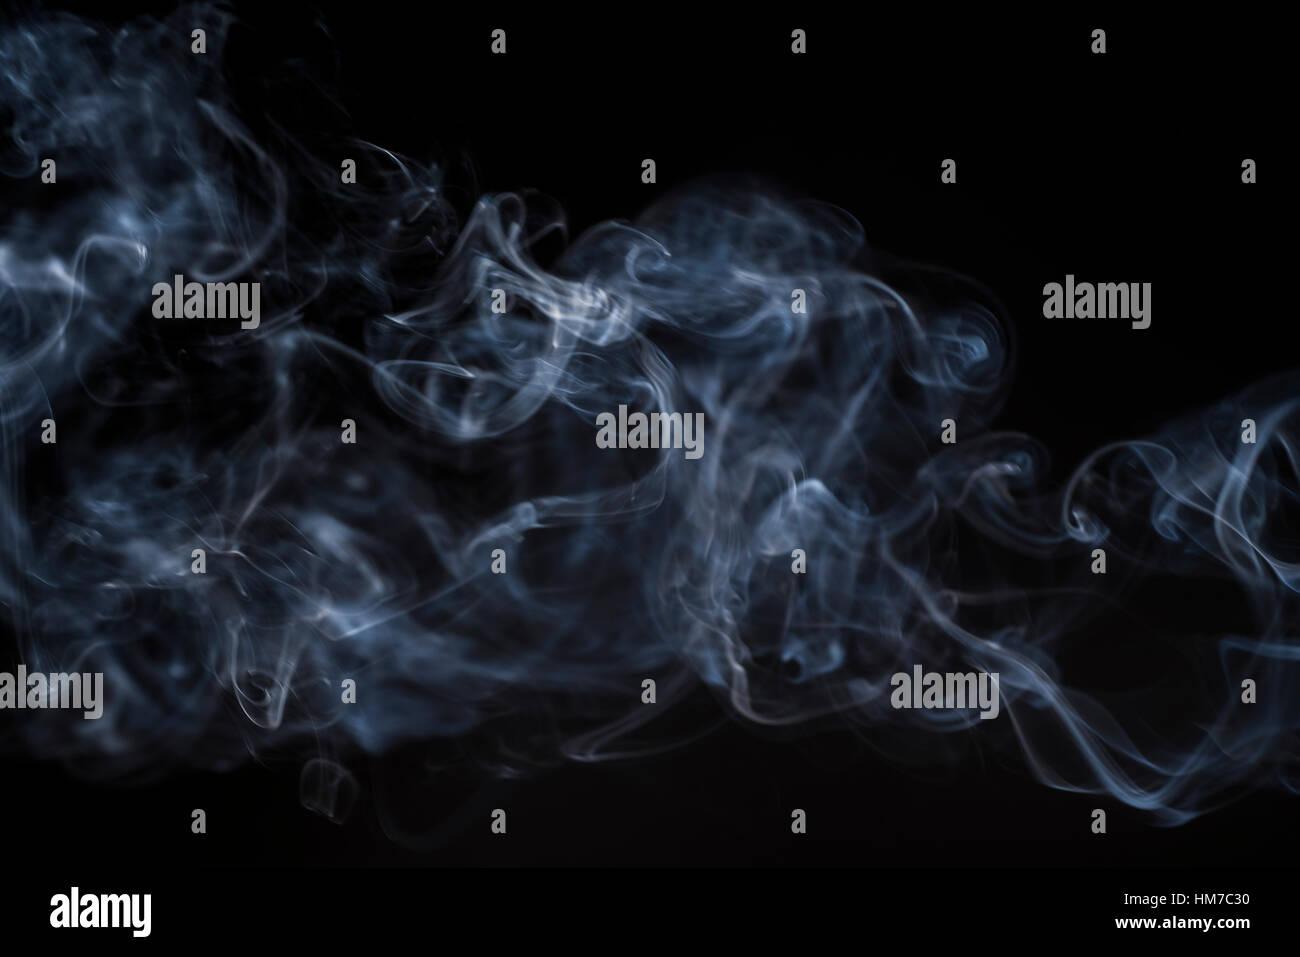 Rauchen auf schwarzem Hintergrund Stockbild